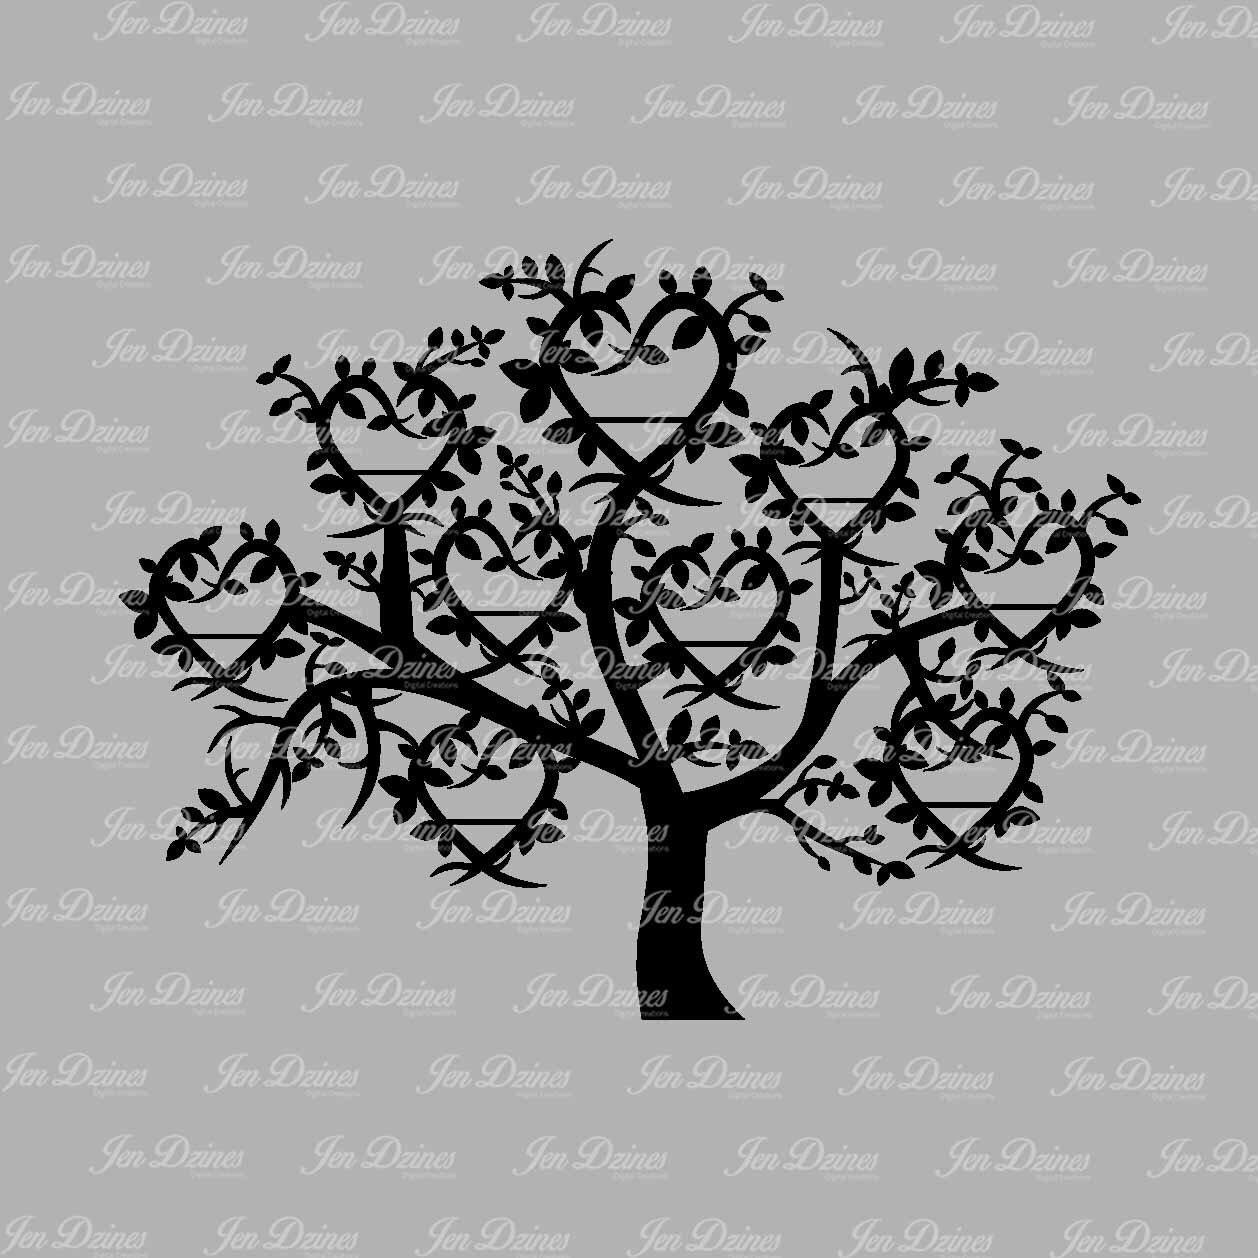 Family Tree 9 Names Svg Dxf Eps Family Tree Files Family